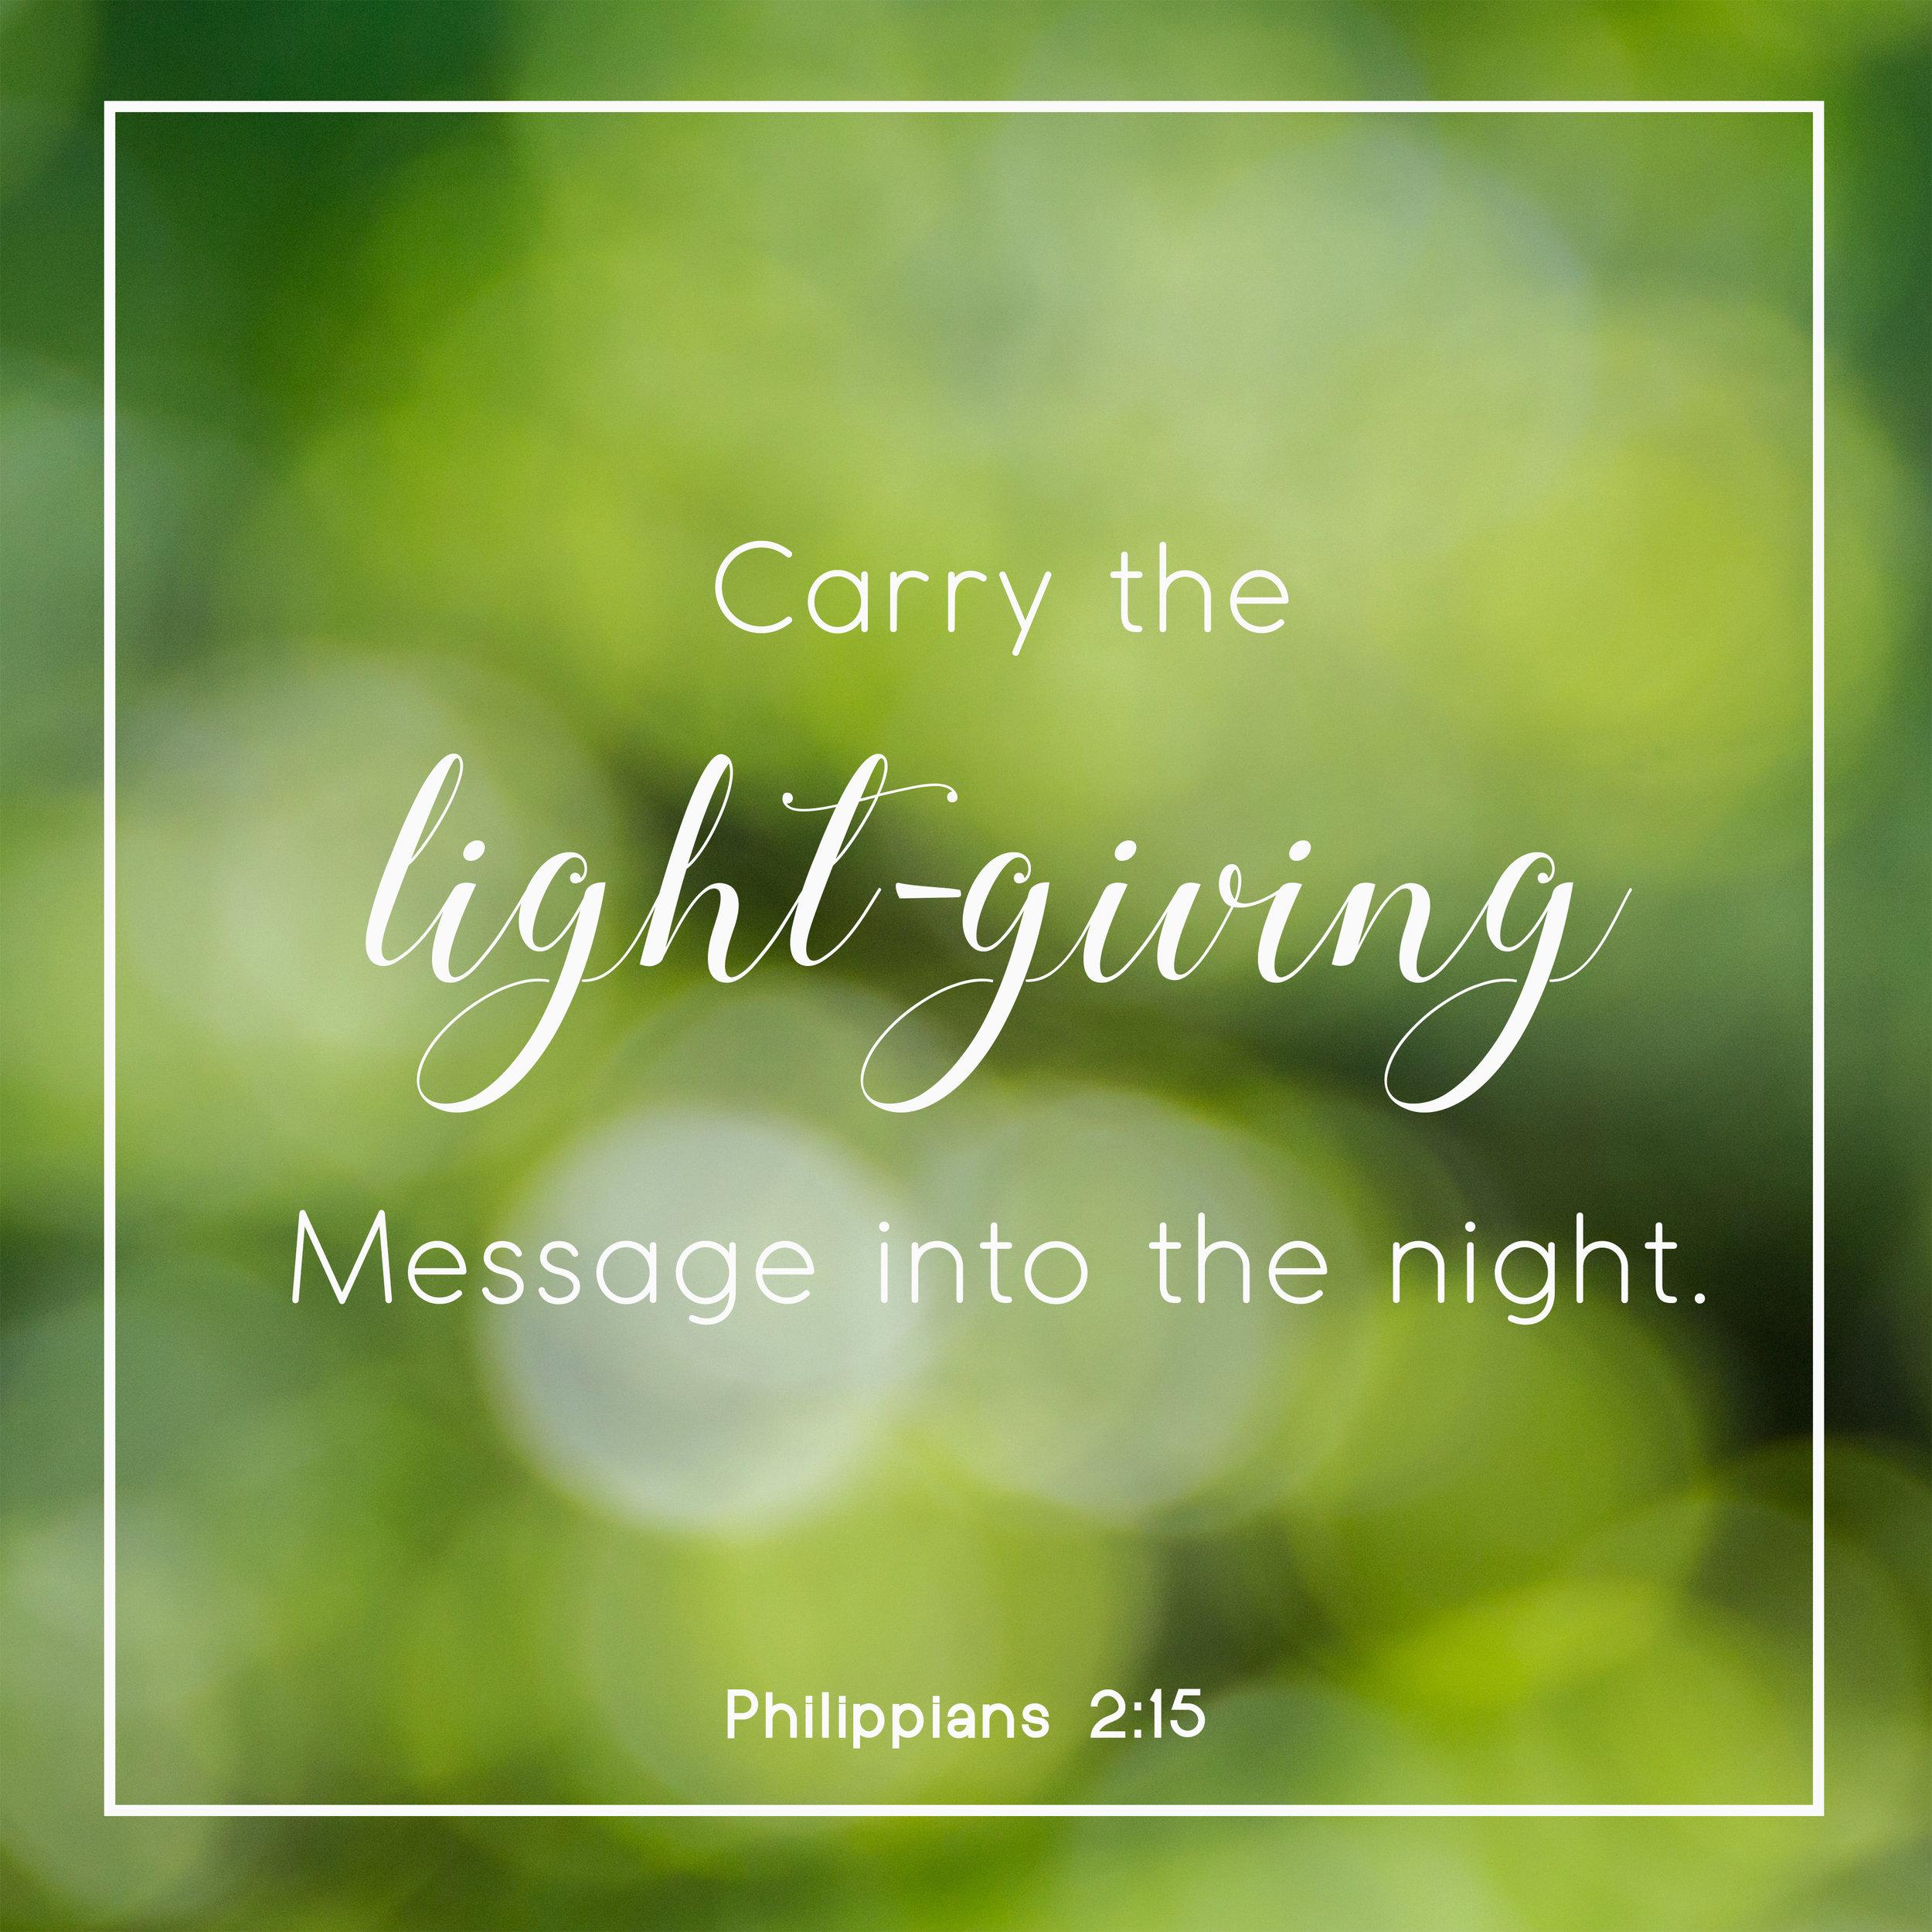 light-giving-email.jpg